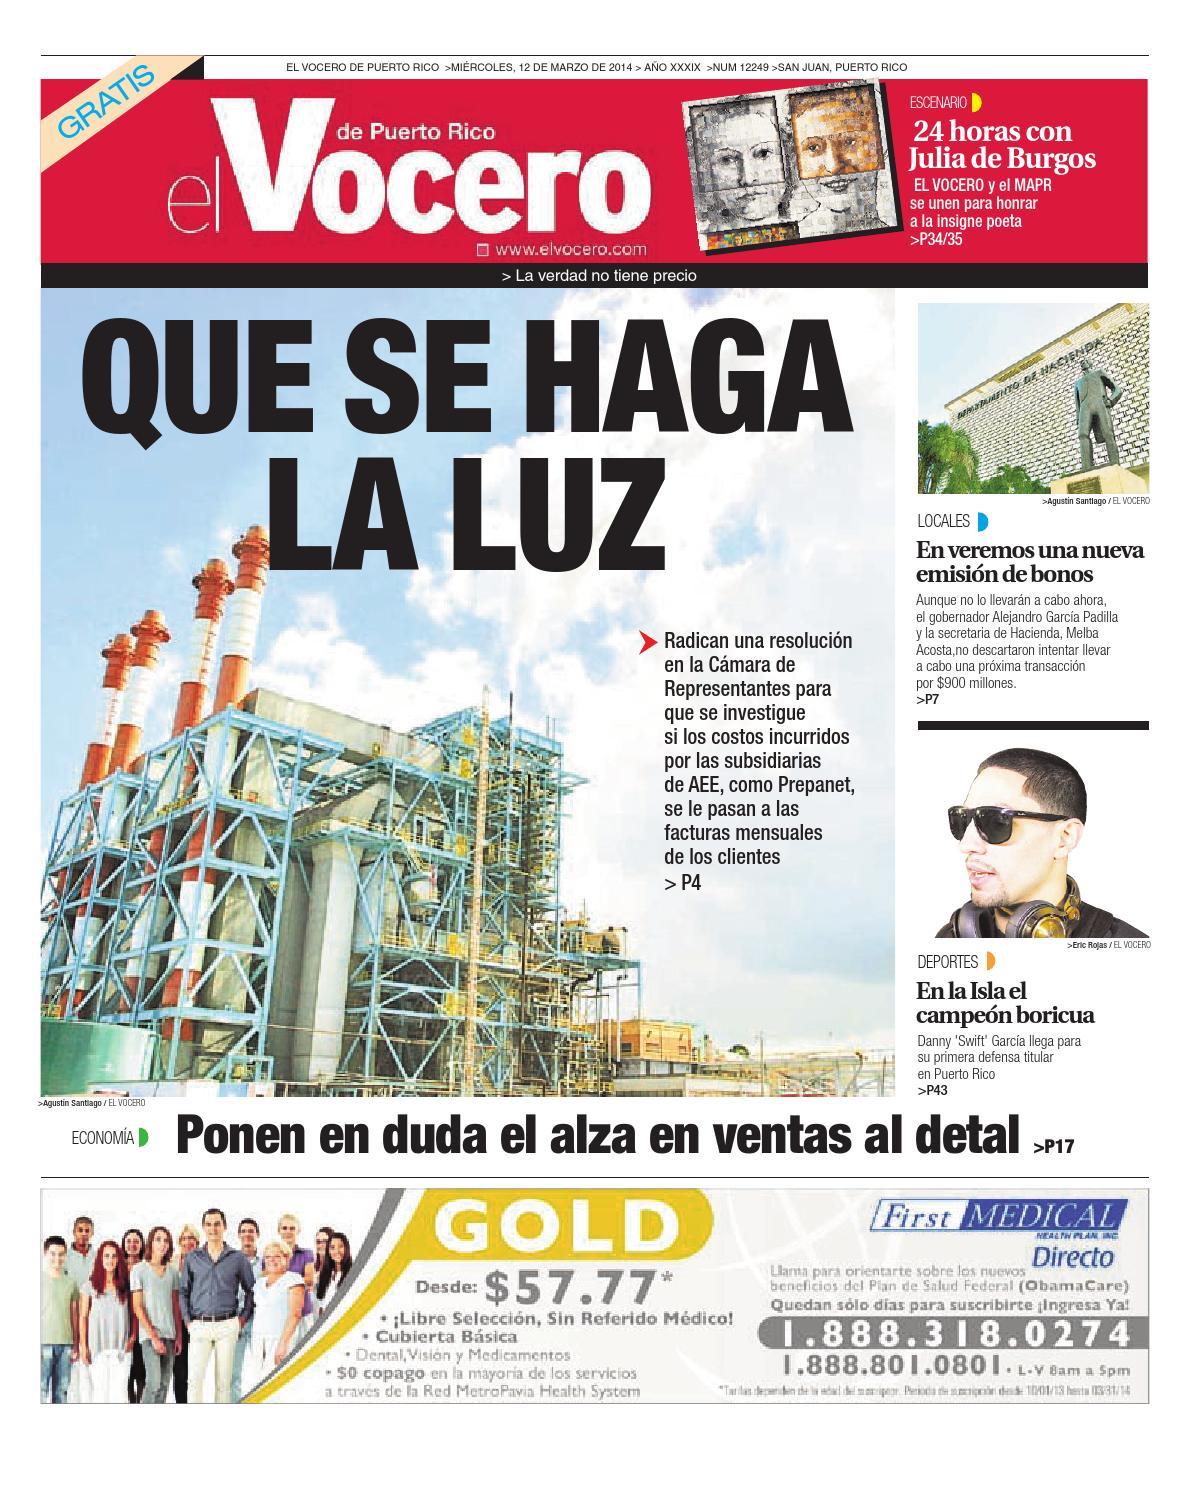 Codigo sagrado 888 los mejores casino on line de Venezuela-307183